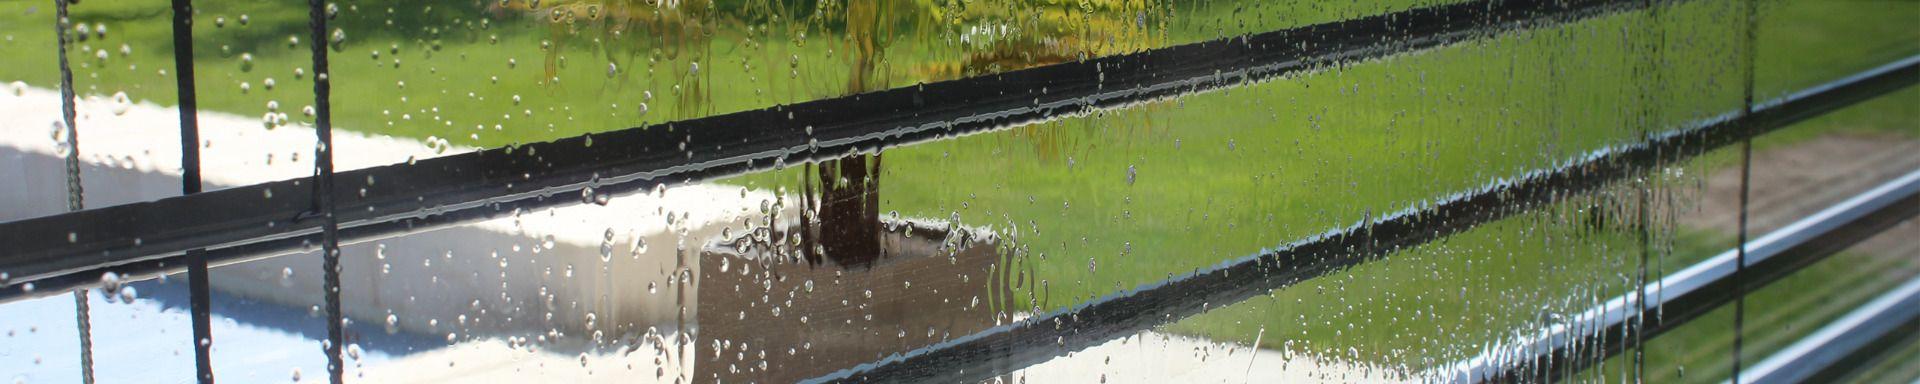 Glas und fassadenreinigung luso reinigugn gmbh for Fenster nass